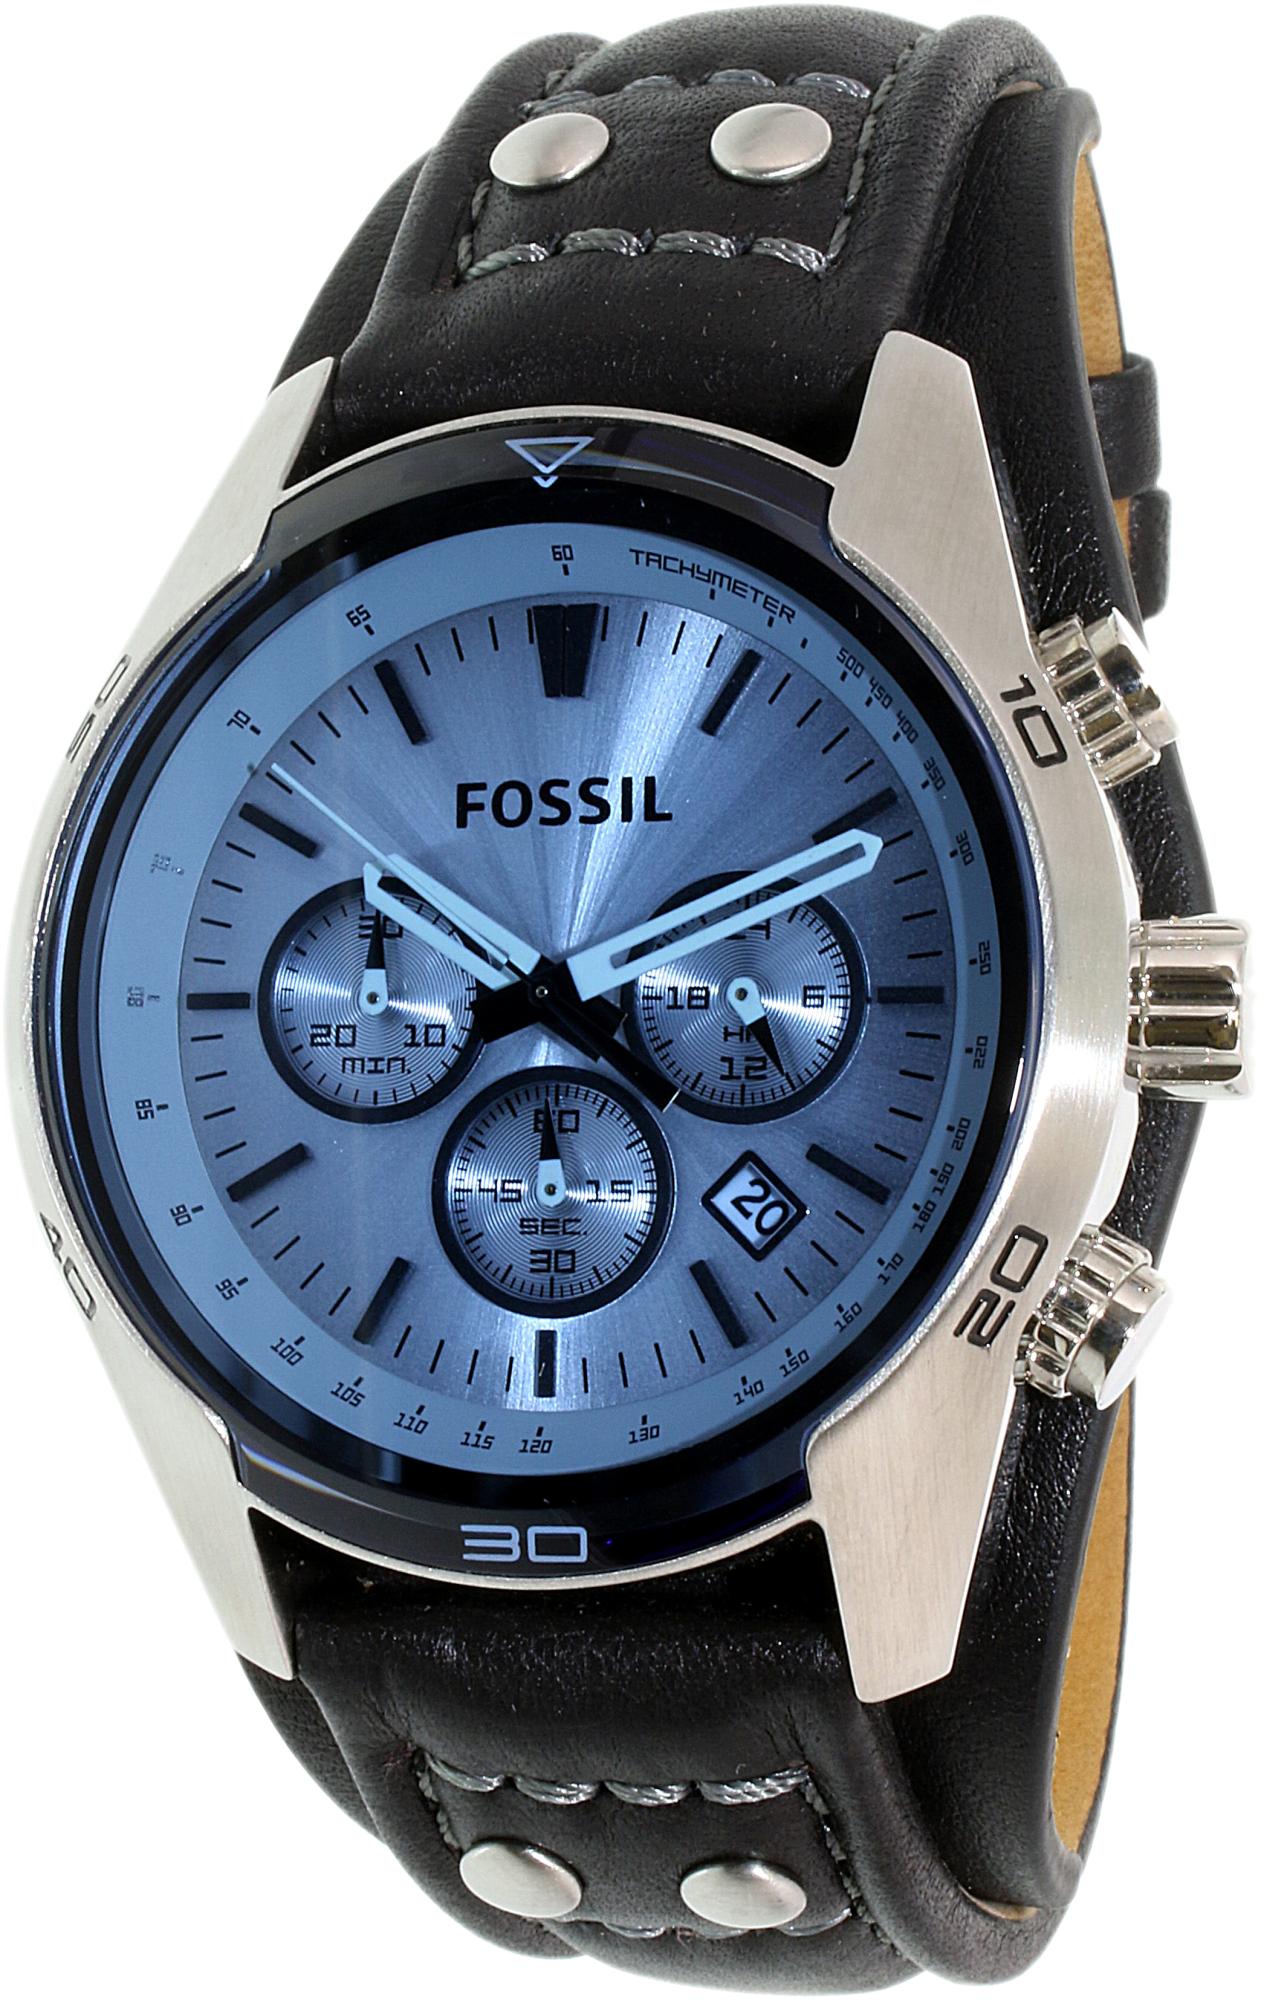 Fossil_Mens_Coachman_CH2564_Blue_Leather_Quartz_Fashion_Watch